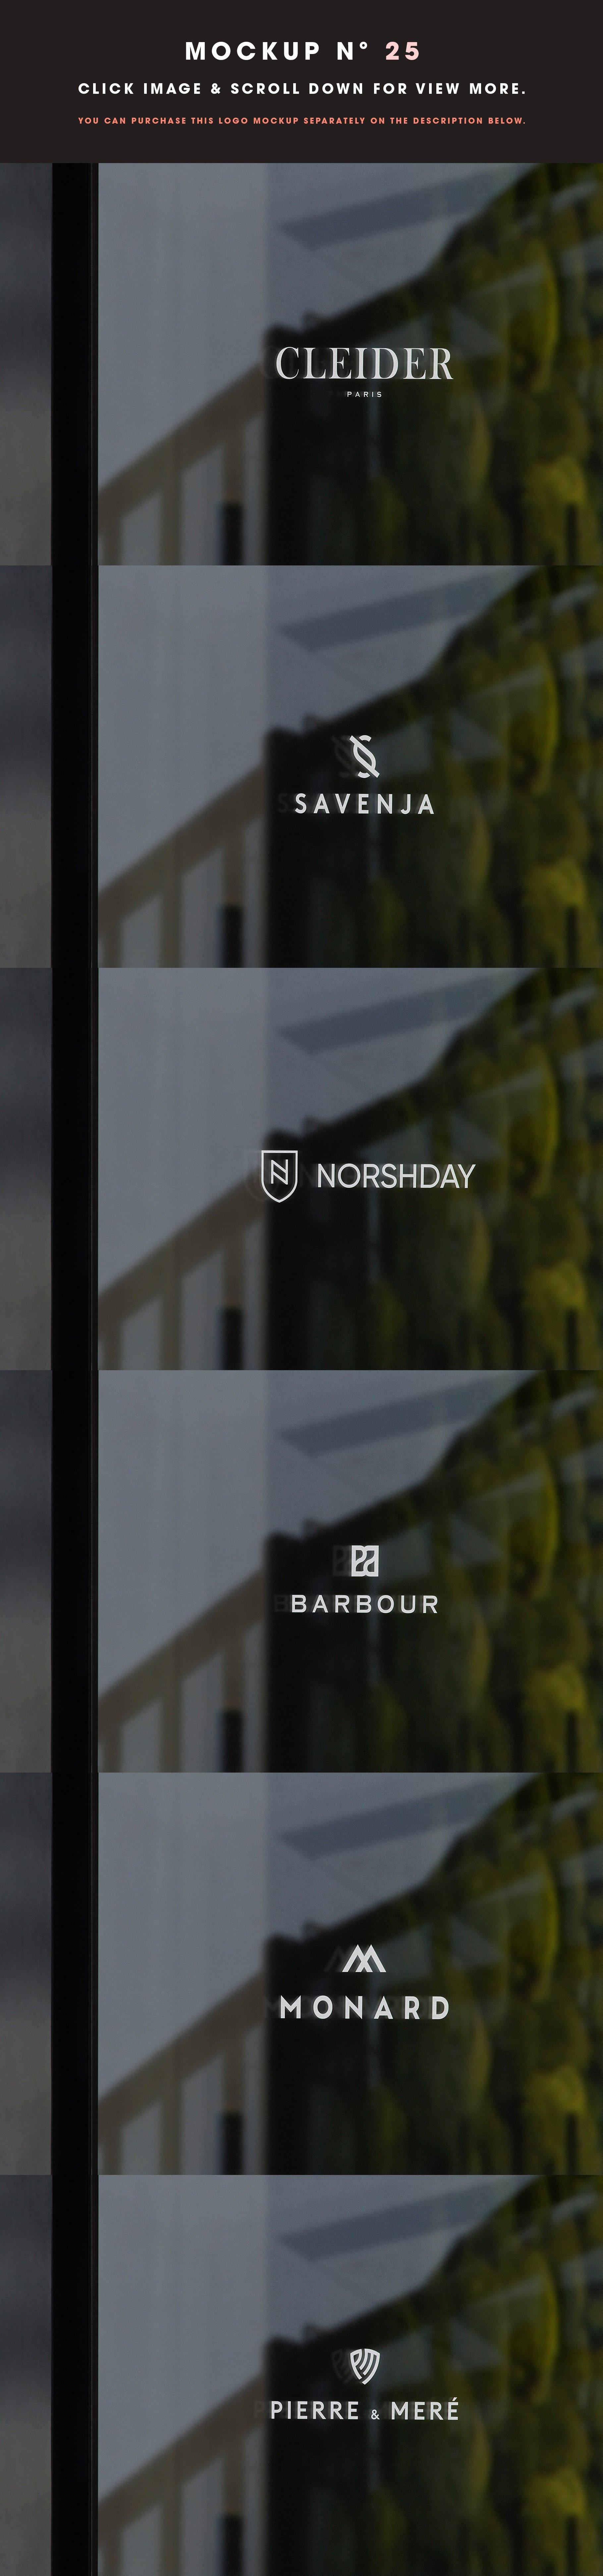 [单独购买] 25款街头门店玻璃窗户徽标标牌Logo设计展示样机模板合集 25 Window Signs Logo Mockups – V2插图27